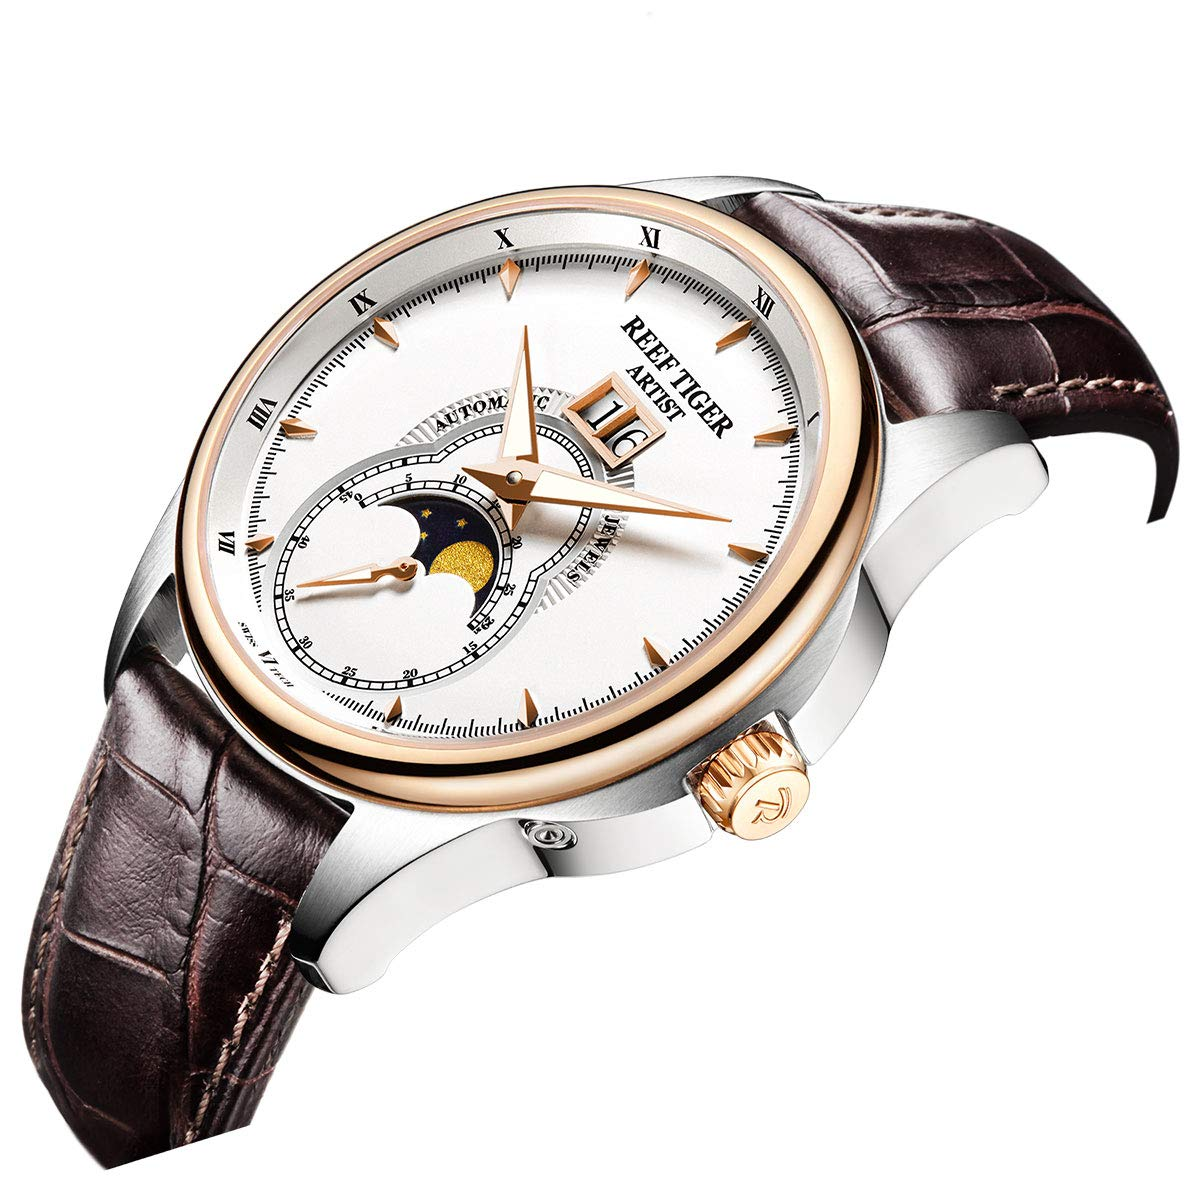 Reef Tiger mode klockor månfas stål rosa guld läderrem automatisk RGA1928 Rga1928-pwb